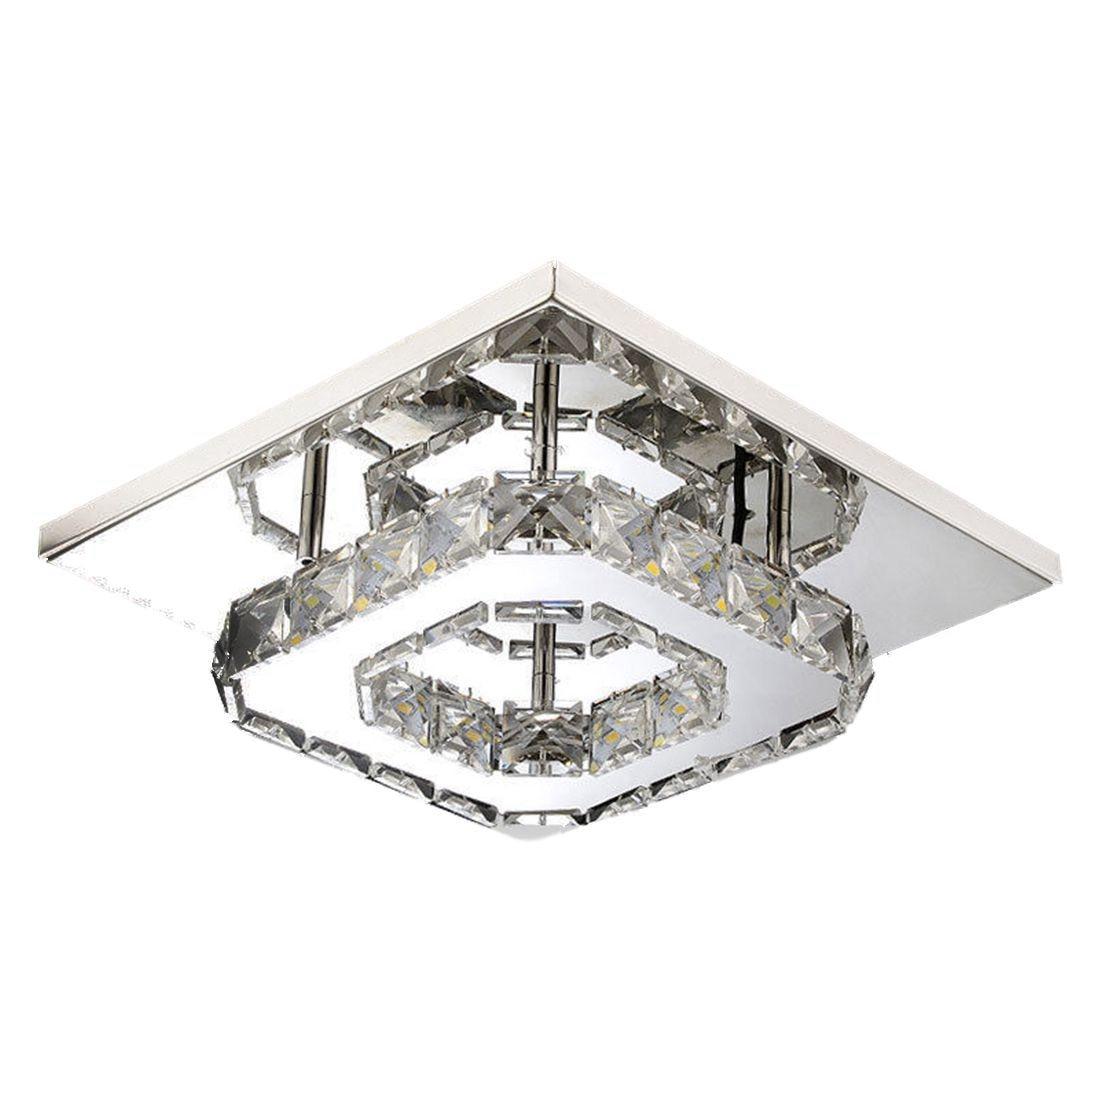 BIFI-20 cm de aço inoxidável luz de teto cristal luz do corredor lustre de cristal led lâmpada do teto luz chandelie